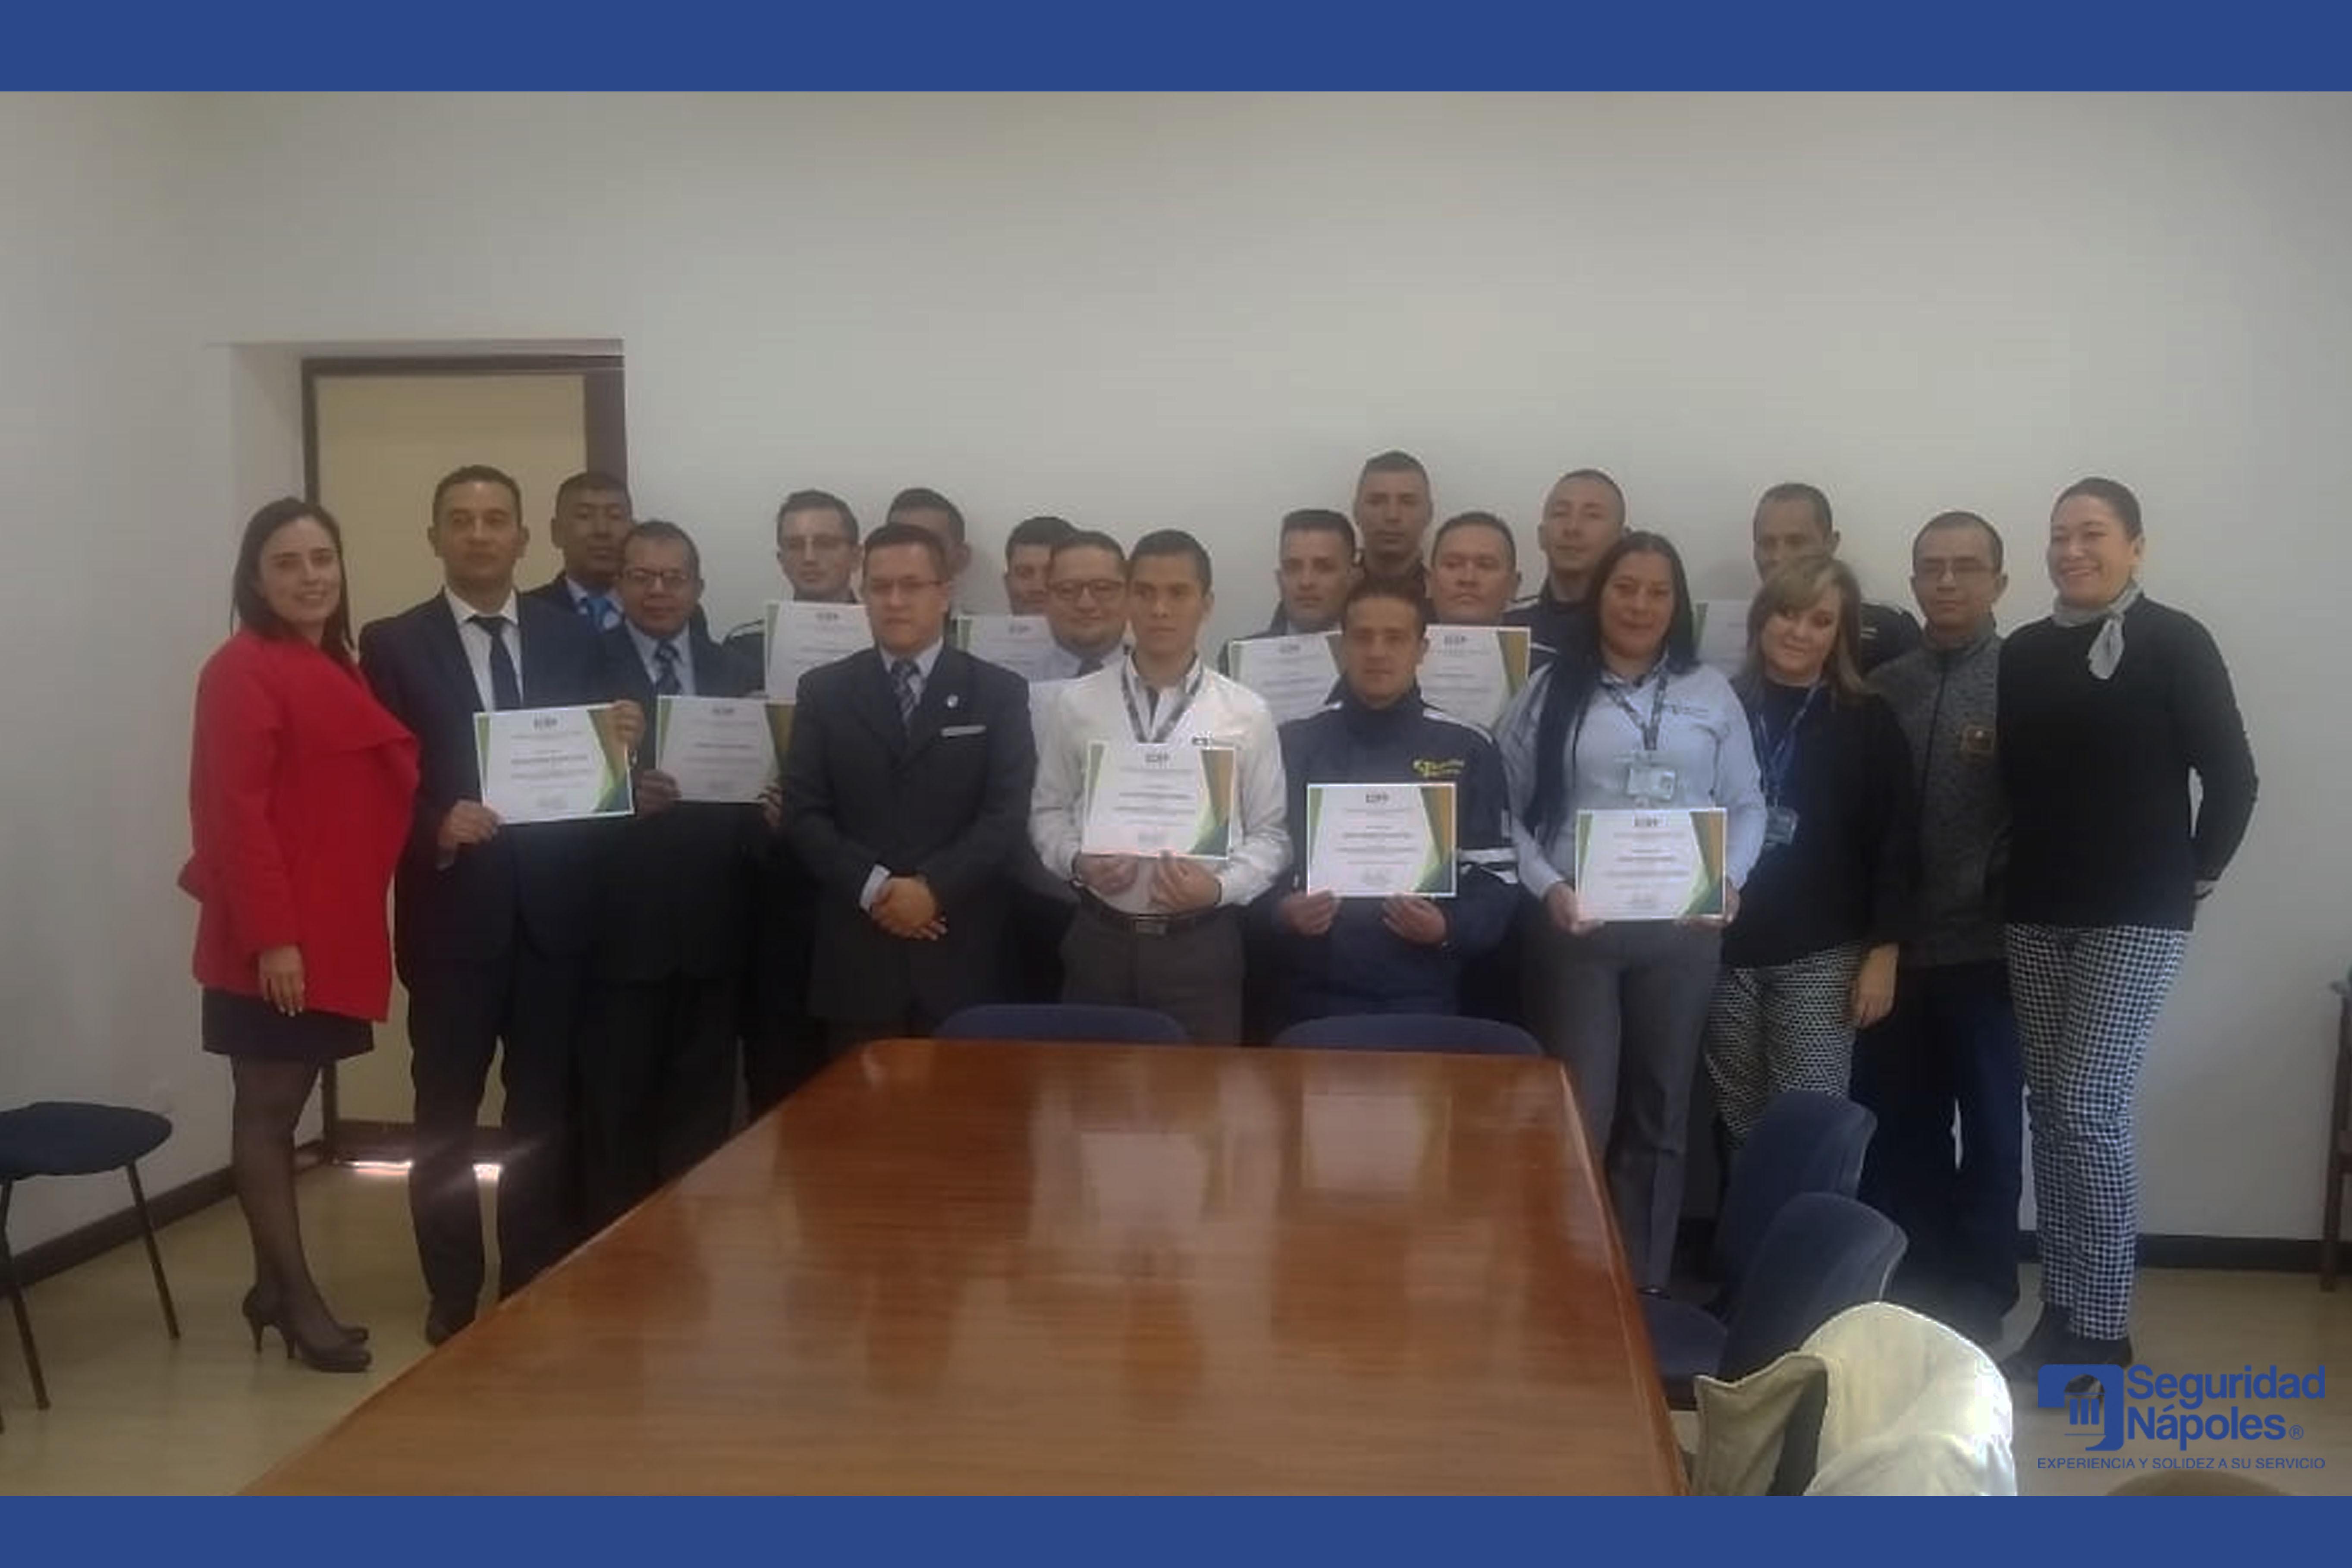 """Seguridad Nápoles se capacitó en """"Desarrollo de competencias de liderazgo y comunicación asertiva"""""""